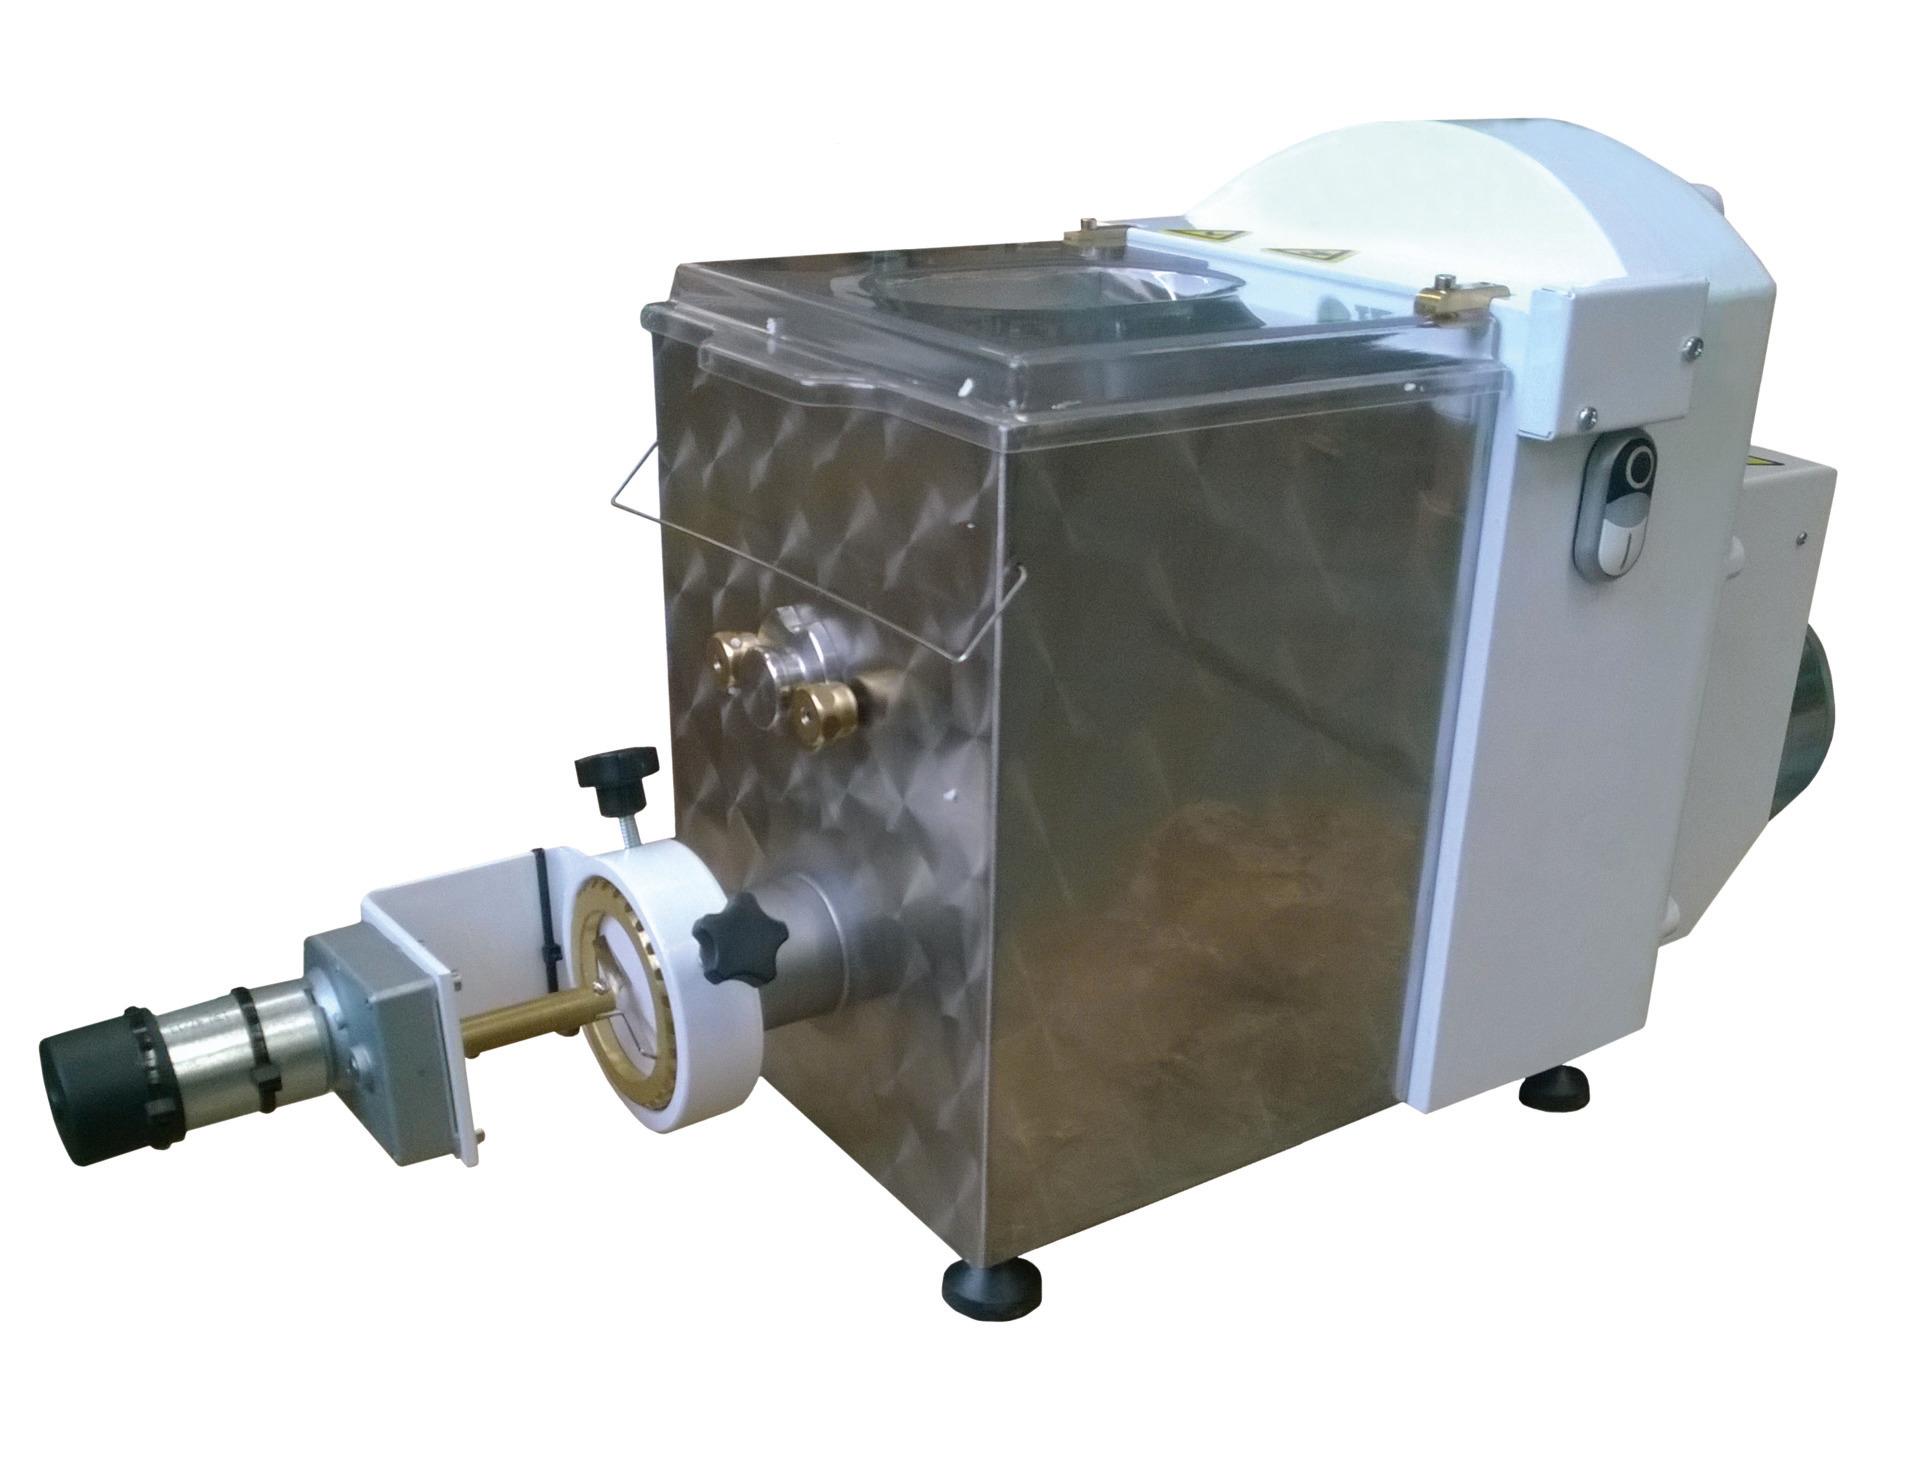 Nudelmaschine 2,5 kg mit Nudelschneider 260 x 600 x 560 mm